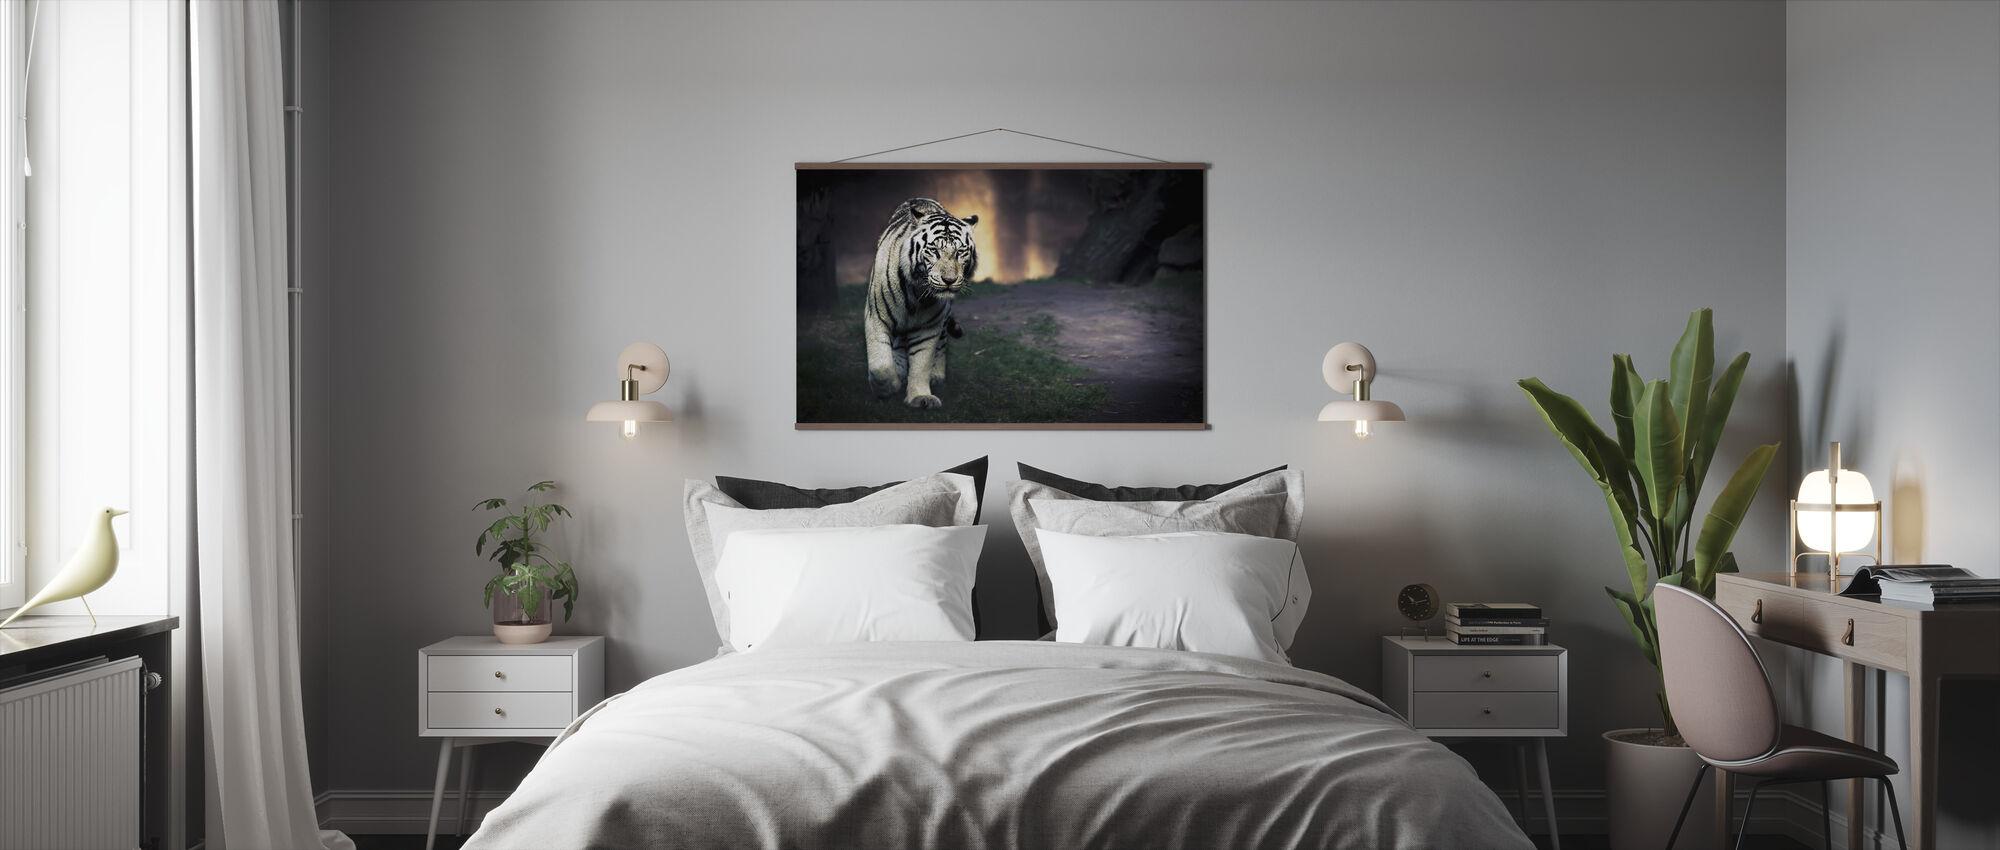 Vit Walker - Poster - Sovrum